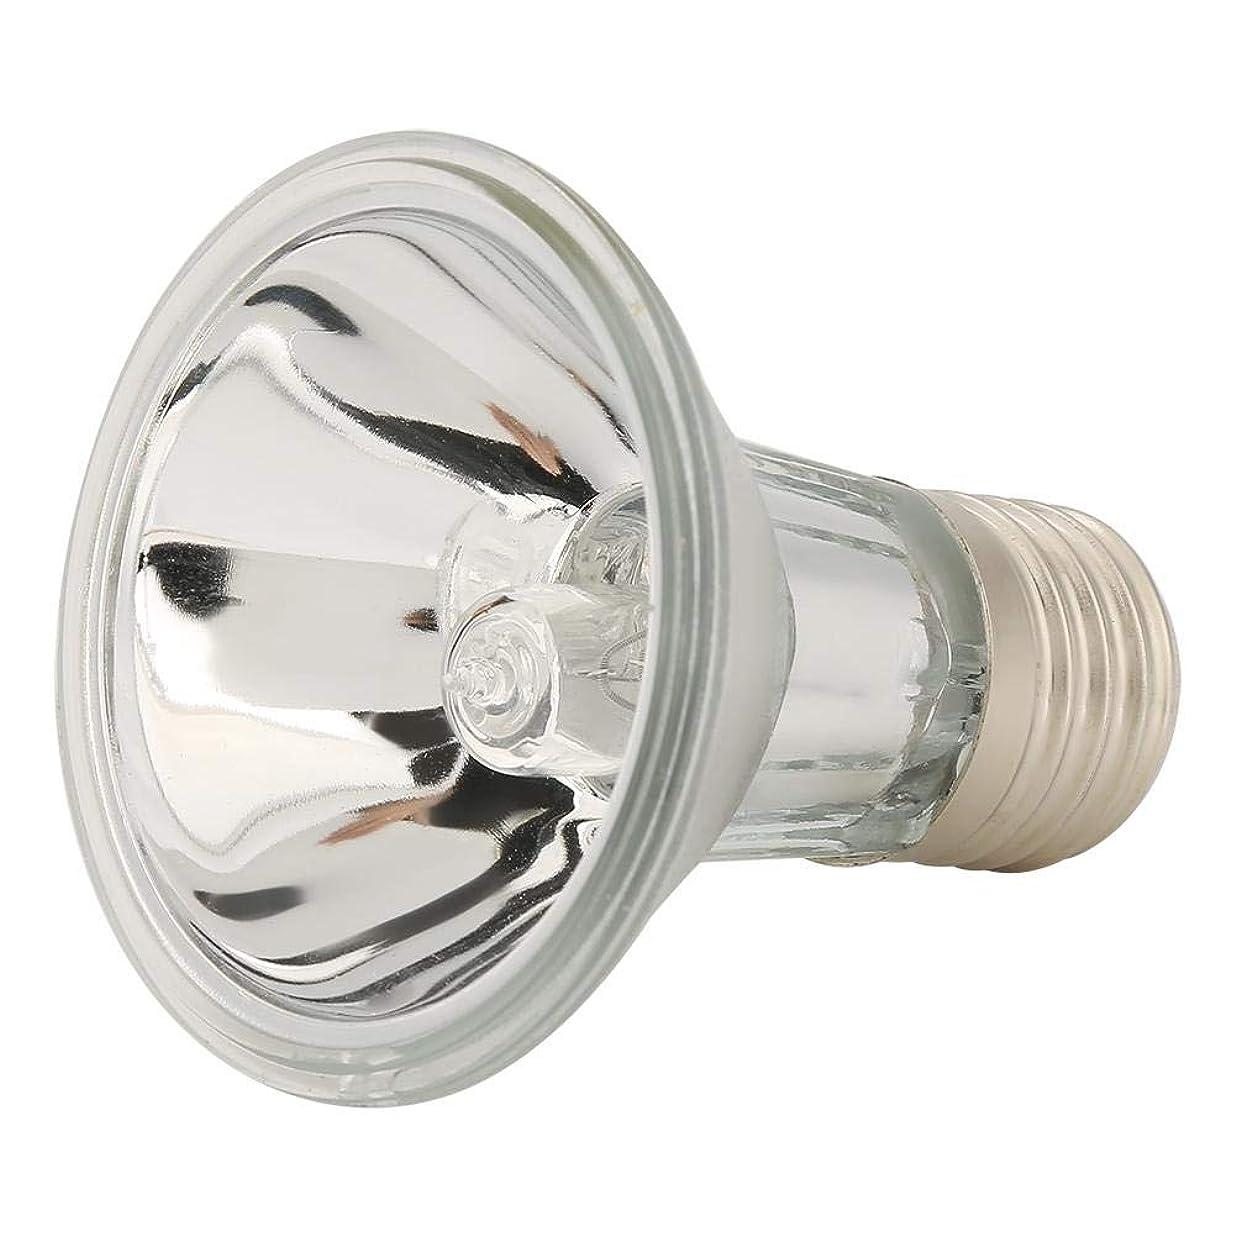 薄いですバンドアクセル爬虫類照明 両生類用ライト 保温電球 亀 カメ ペット 爬虫類 両生類 加熱 電球 水族館 ランプ UVA/UVB E27 220V(25W)